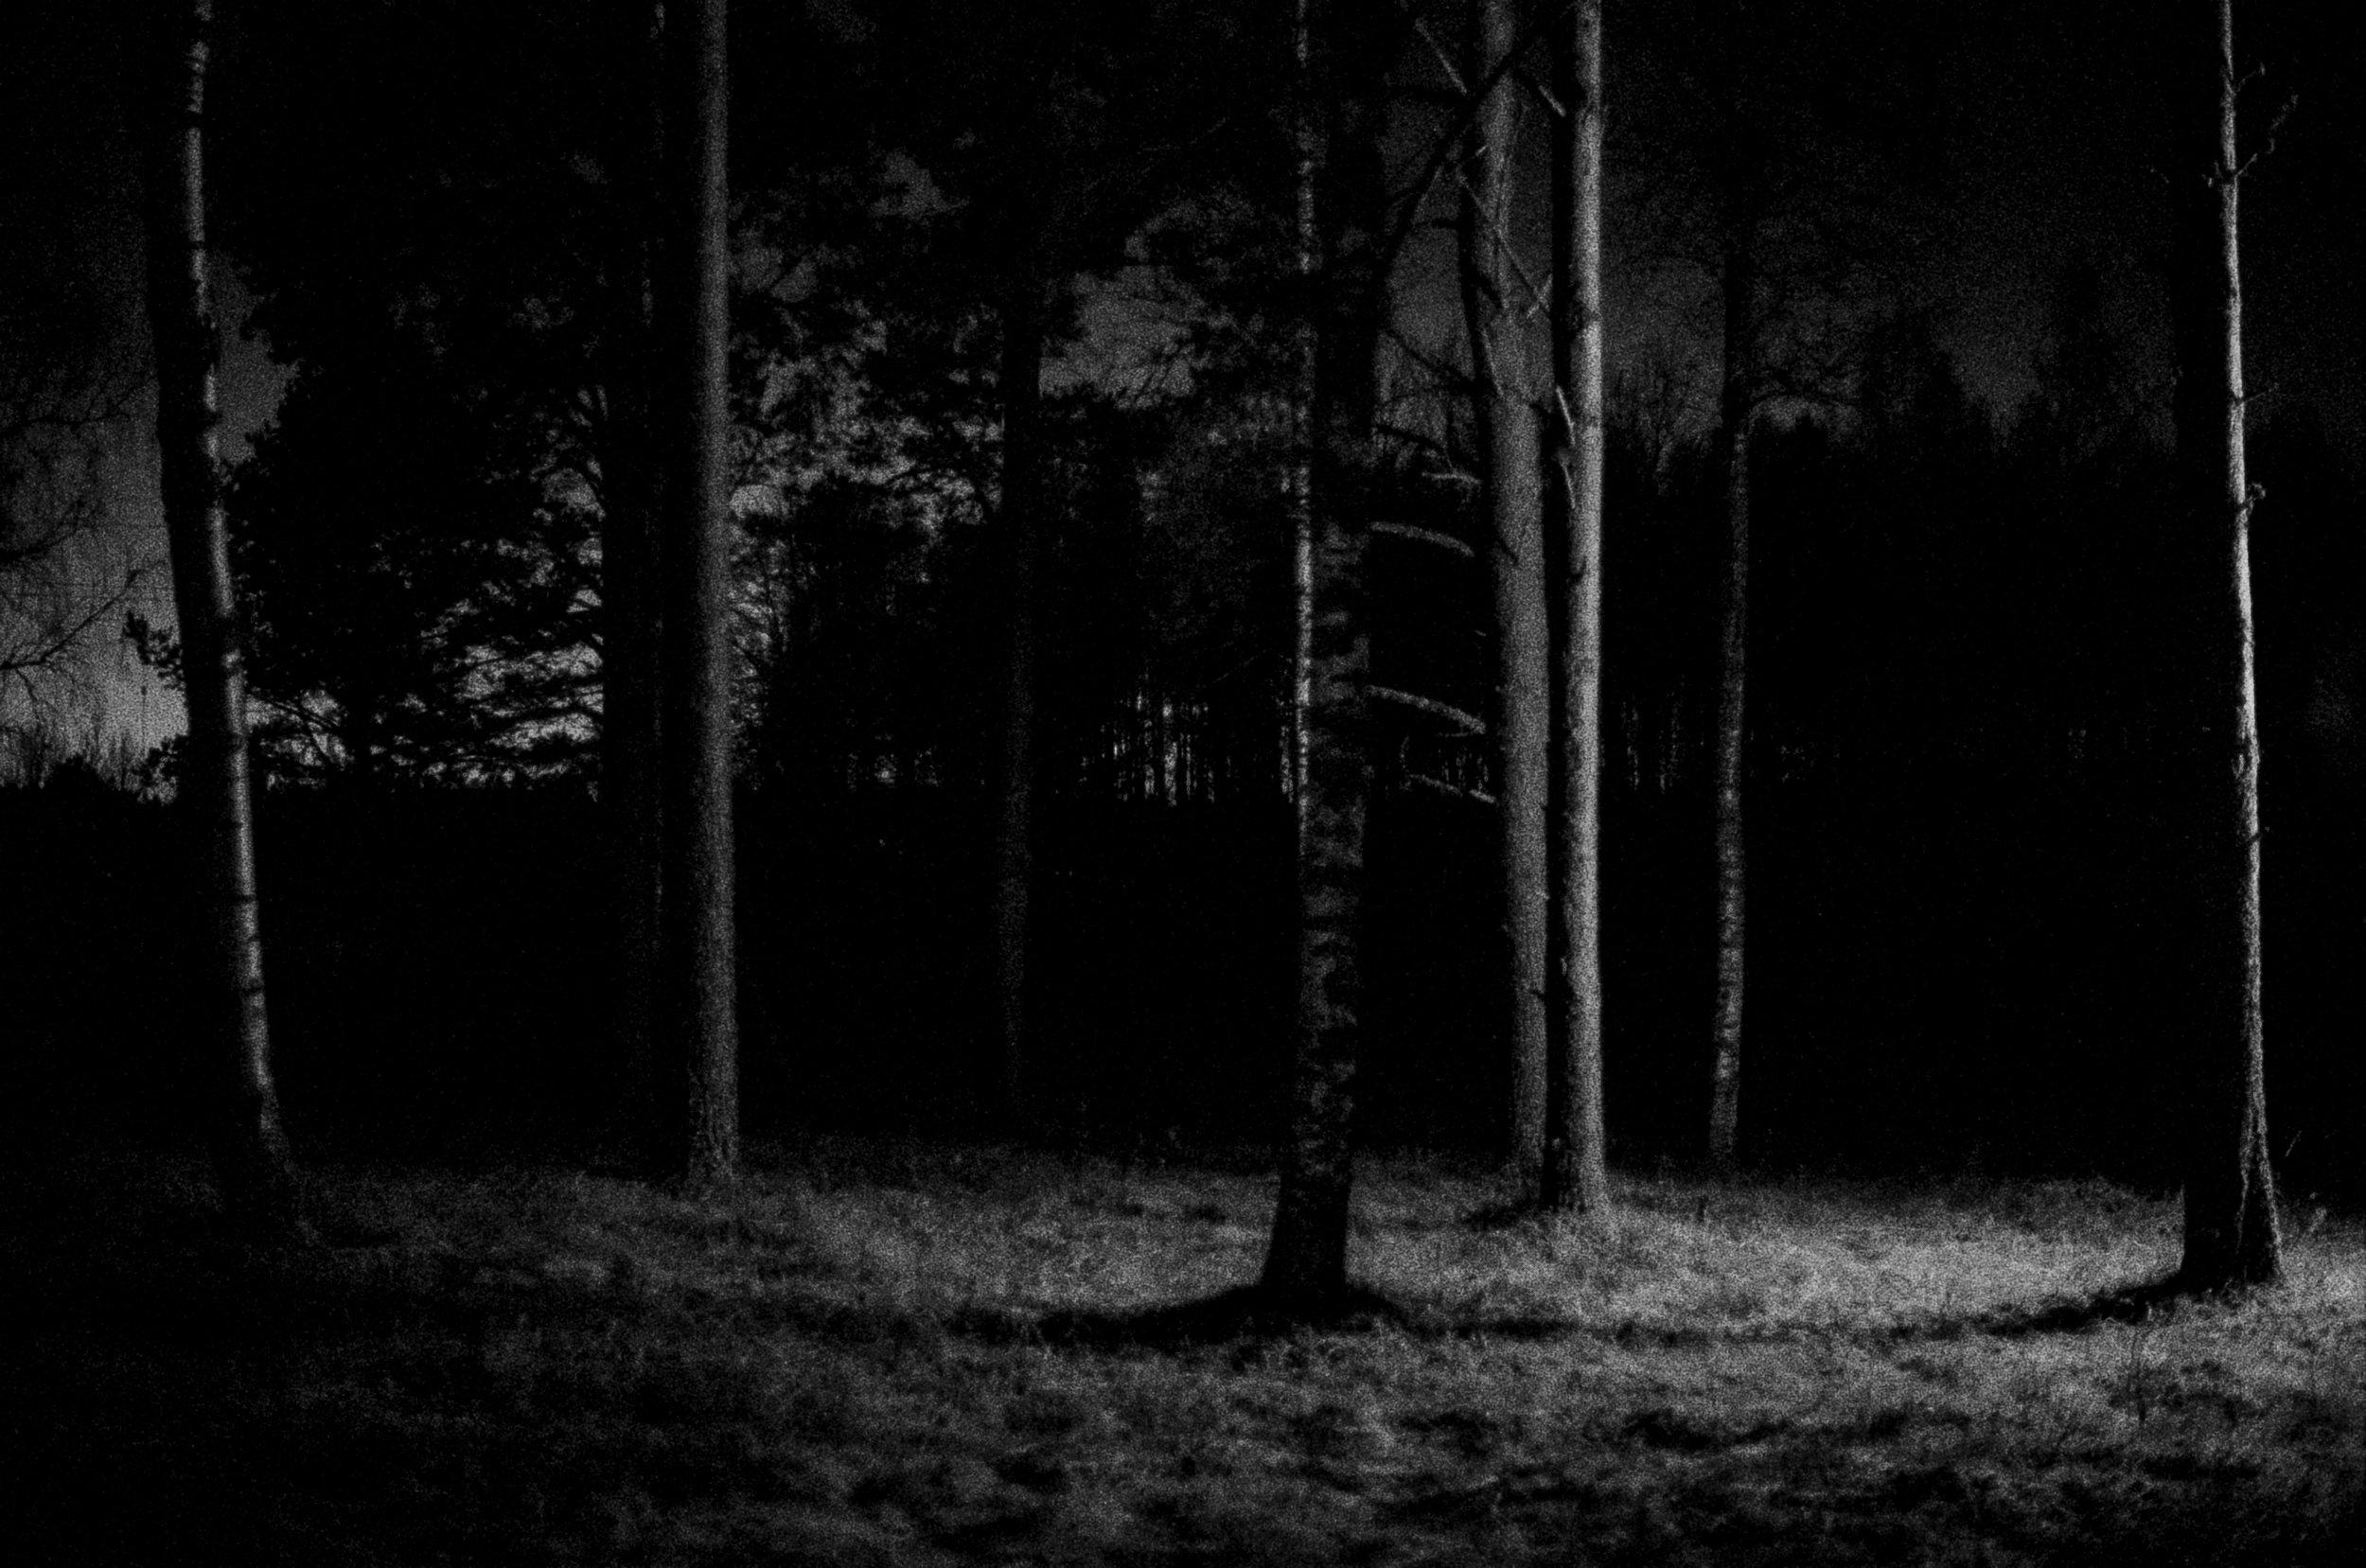 Tree trunks at night, 35mm, Nelimarkka Museo, 2018